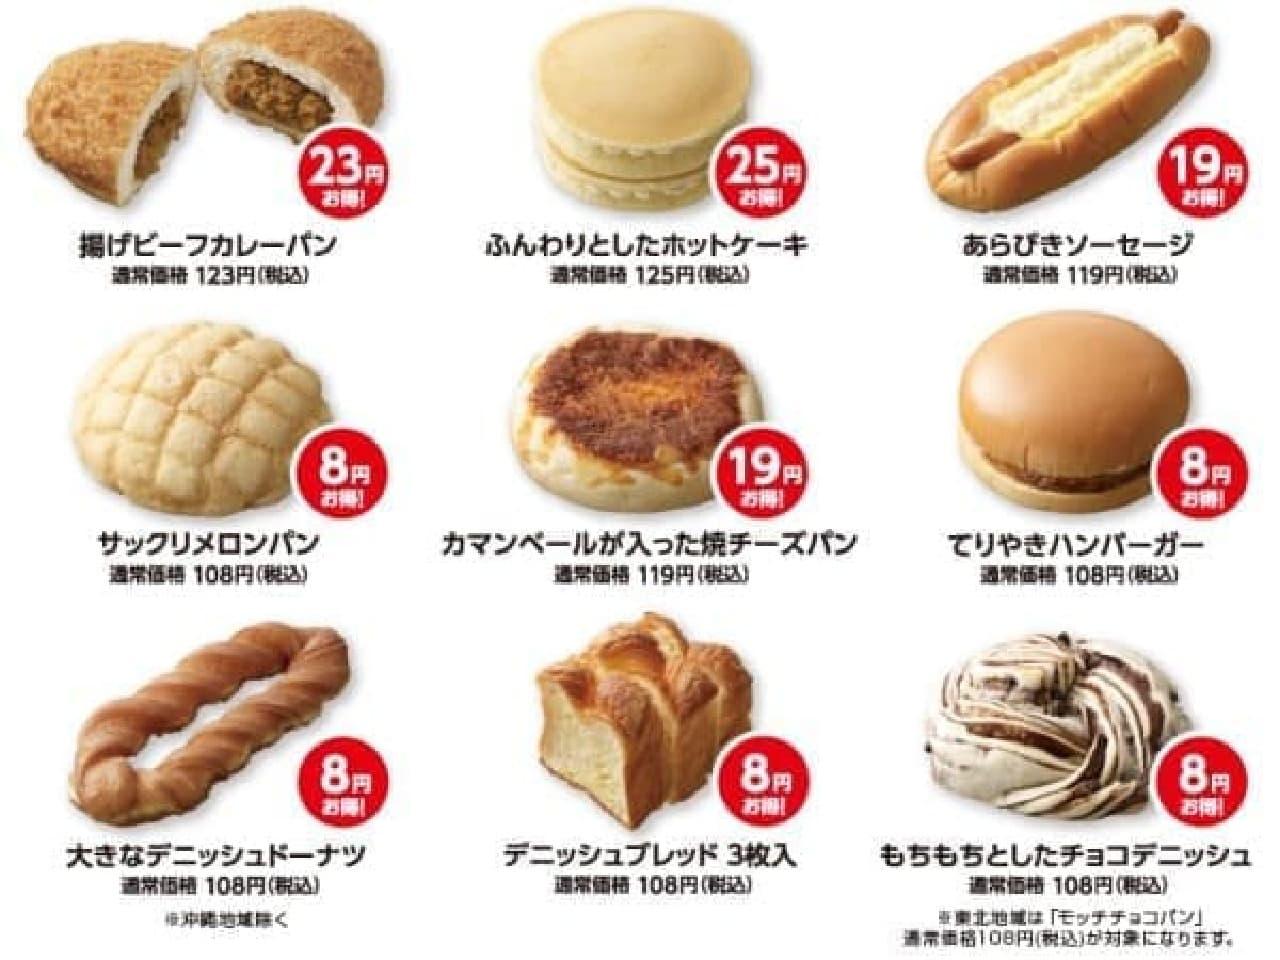 セール対象のパン9種類